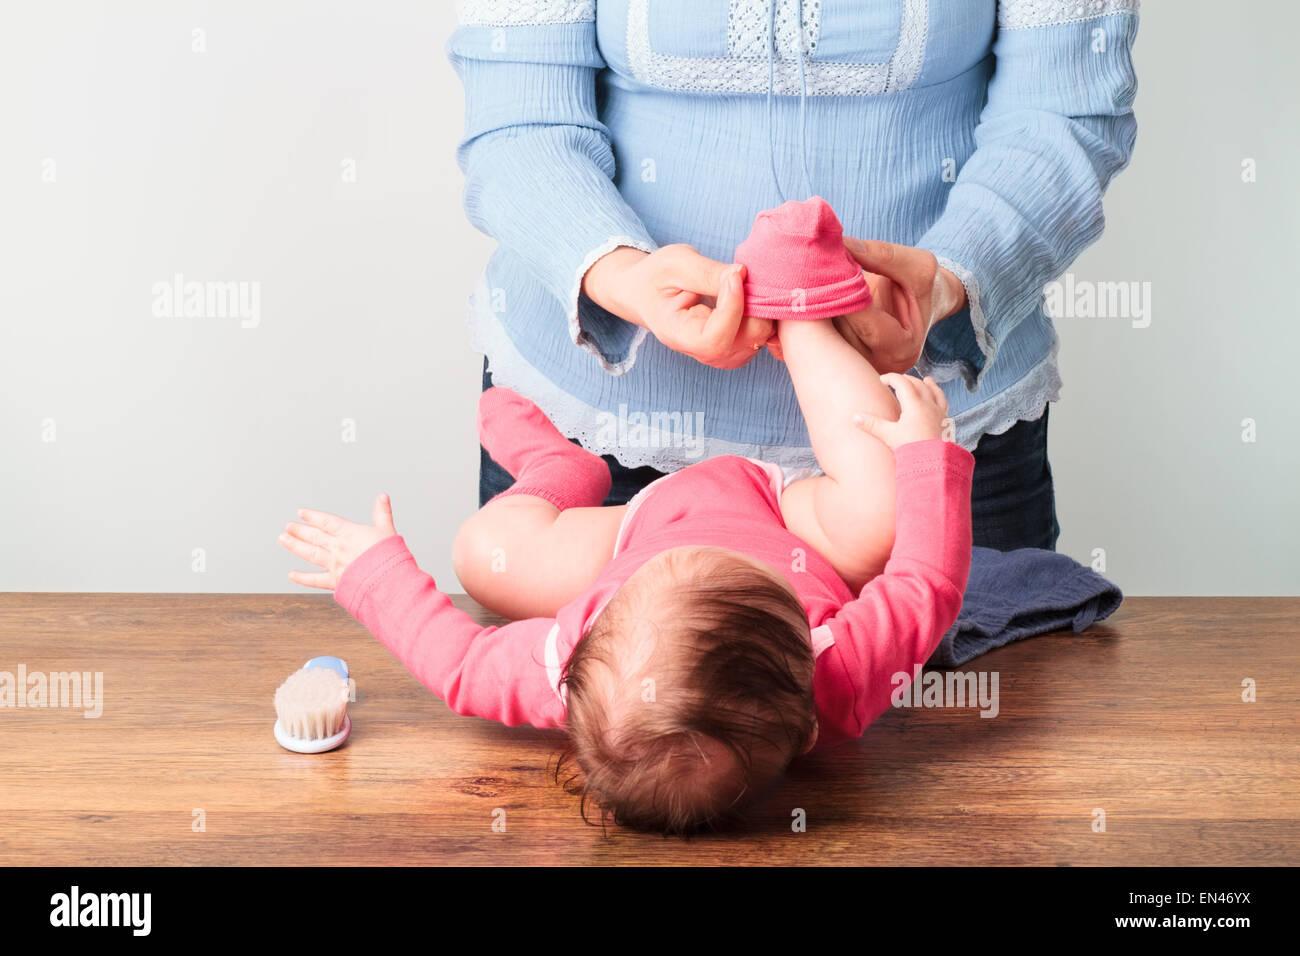 La mamma a mettere su i calzini la sua piccola bambina Immagini Stock